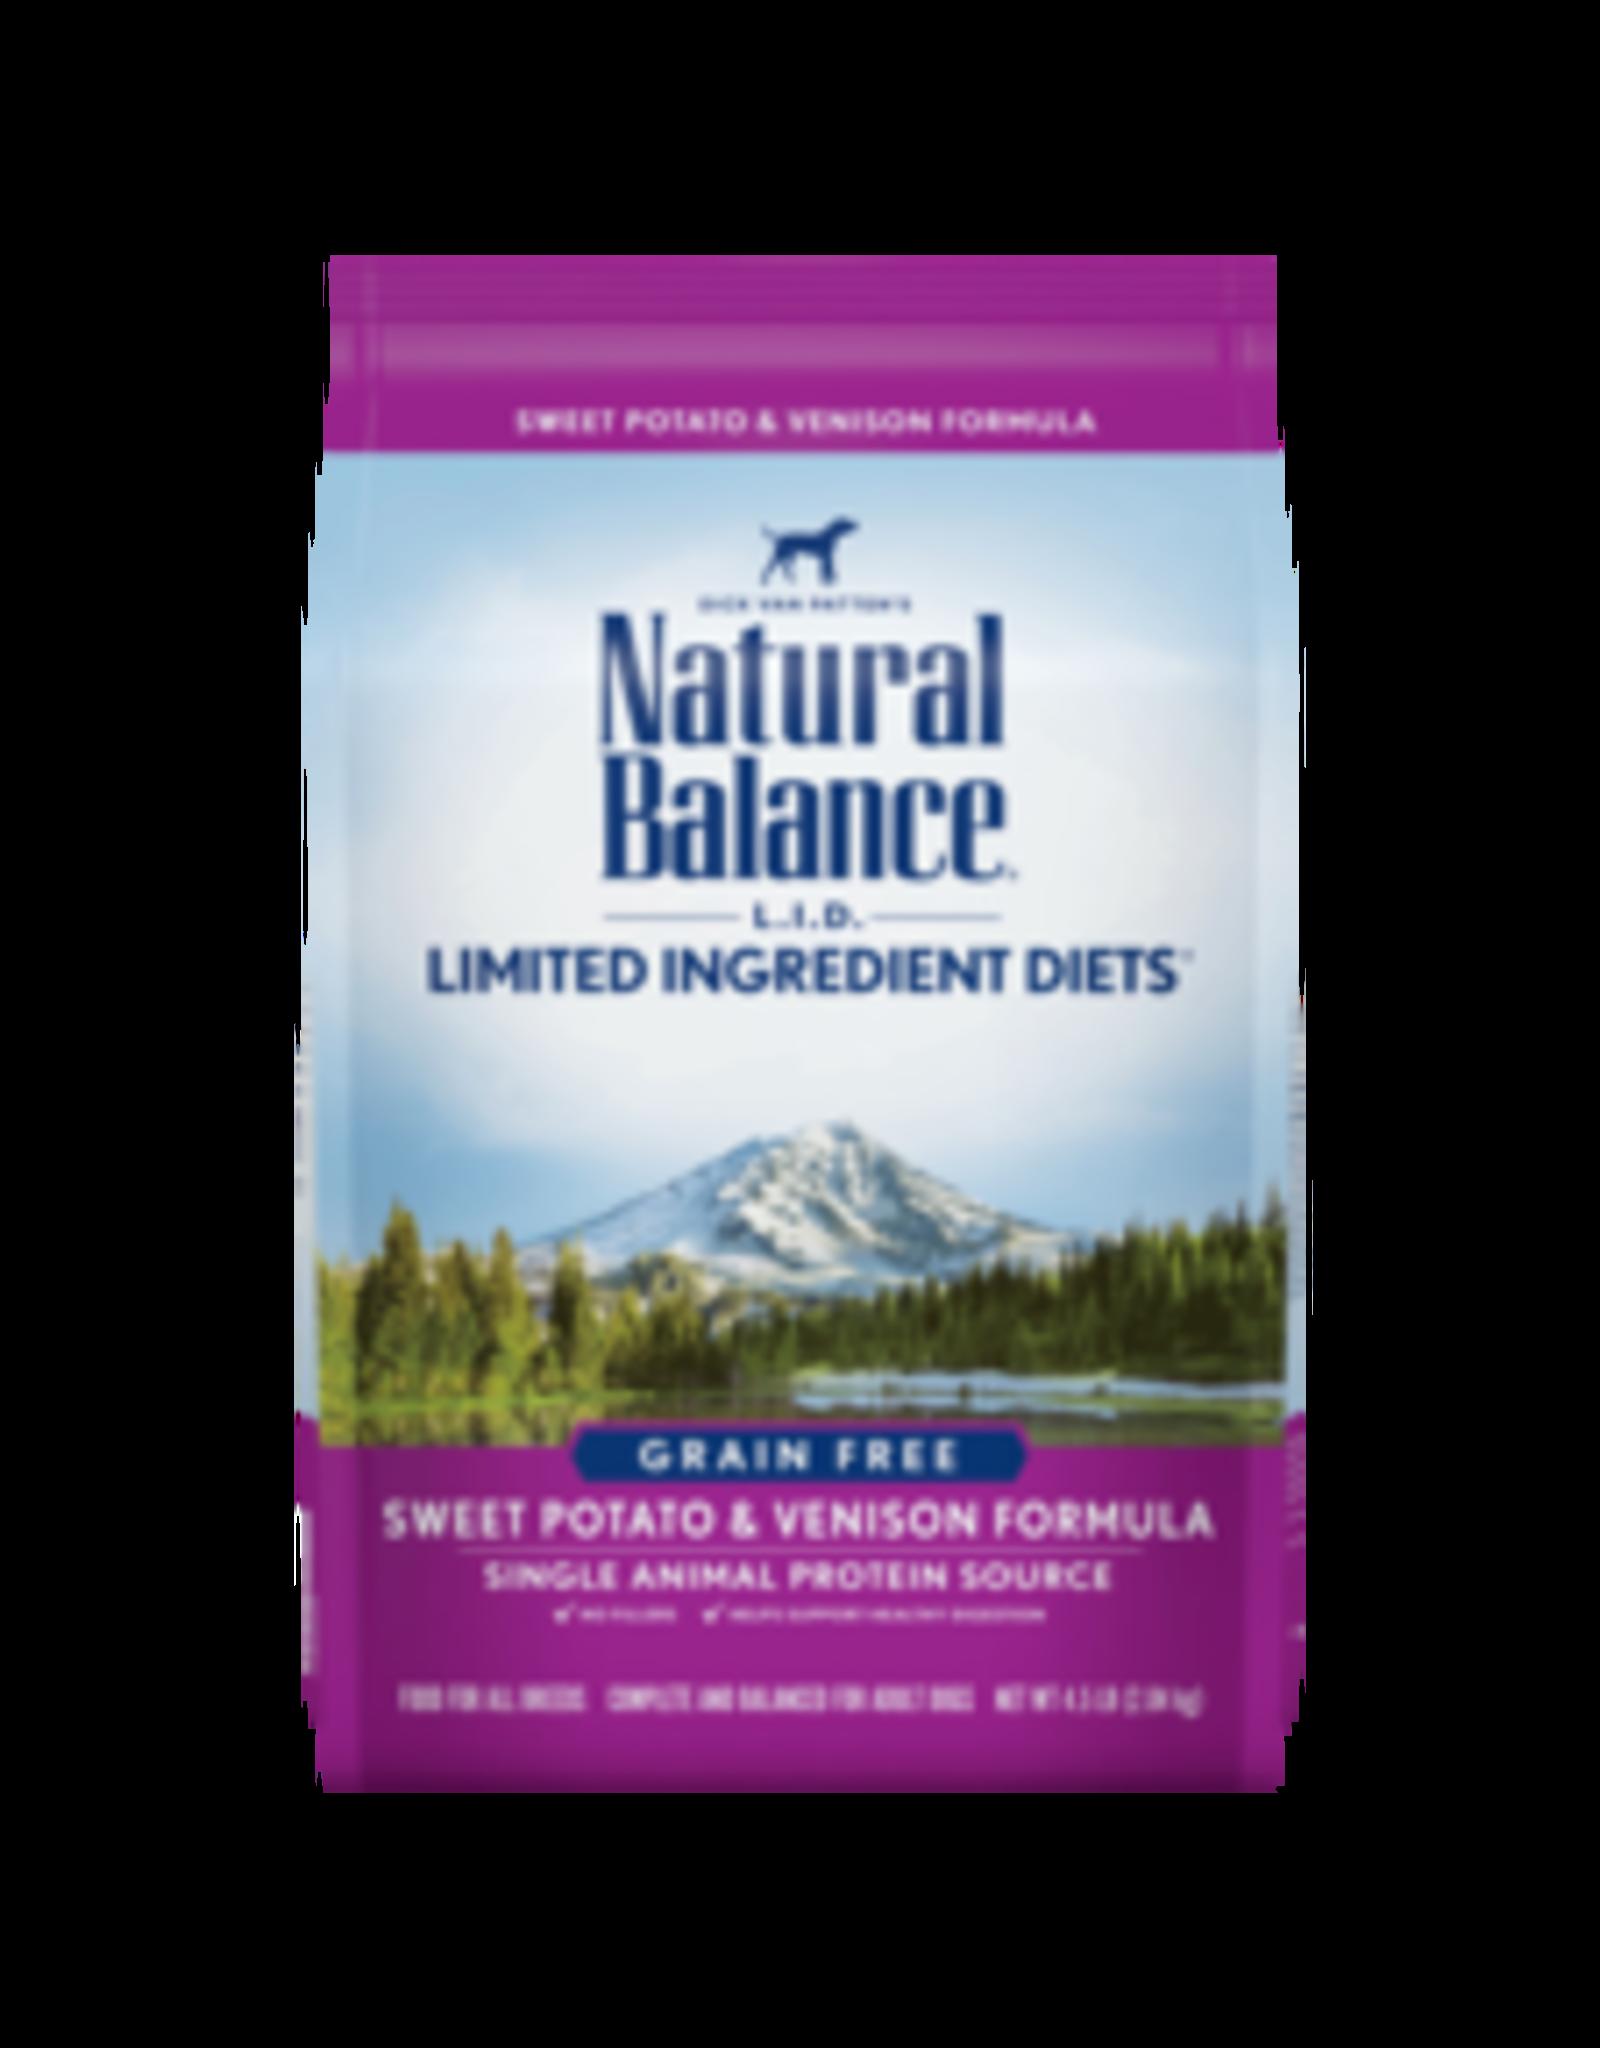 Natural Balance Natural Balance Sweet Potato & Venison